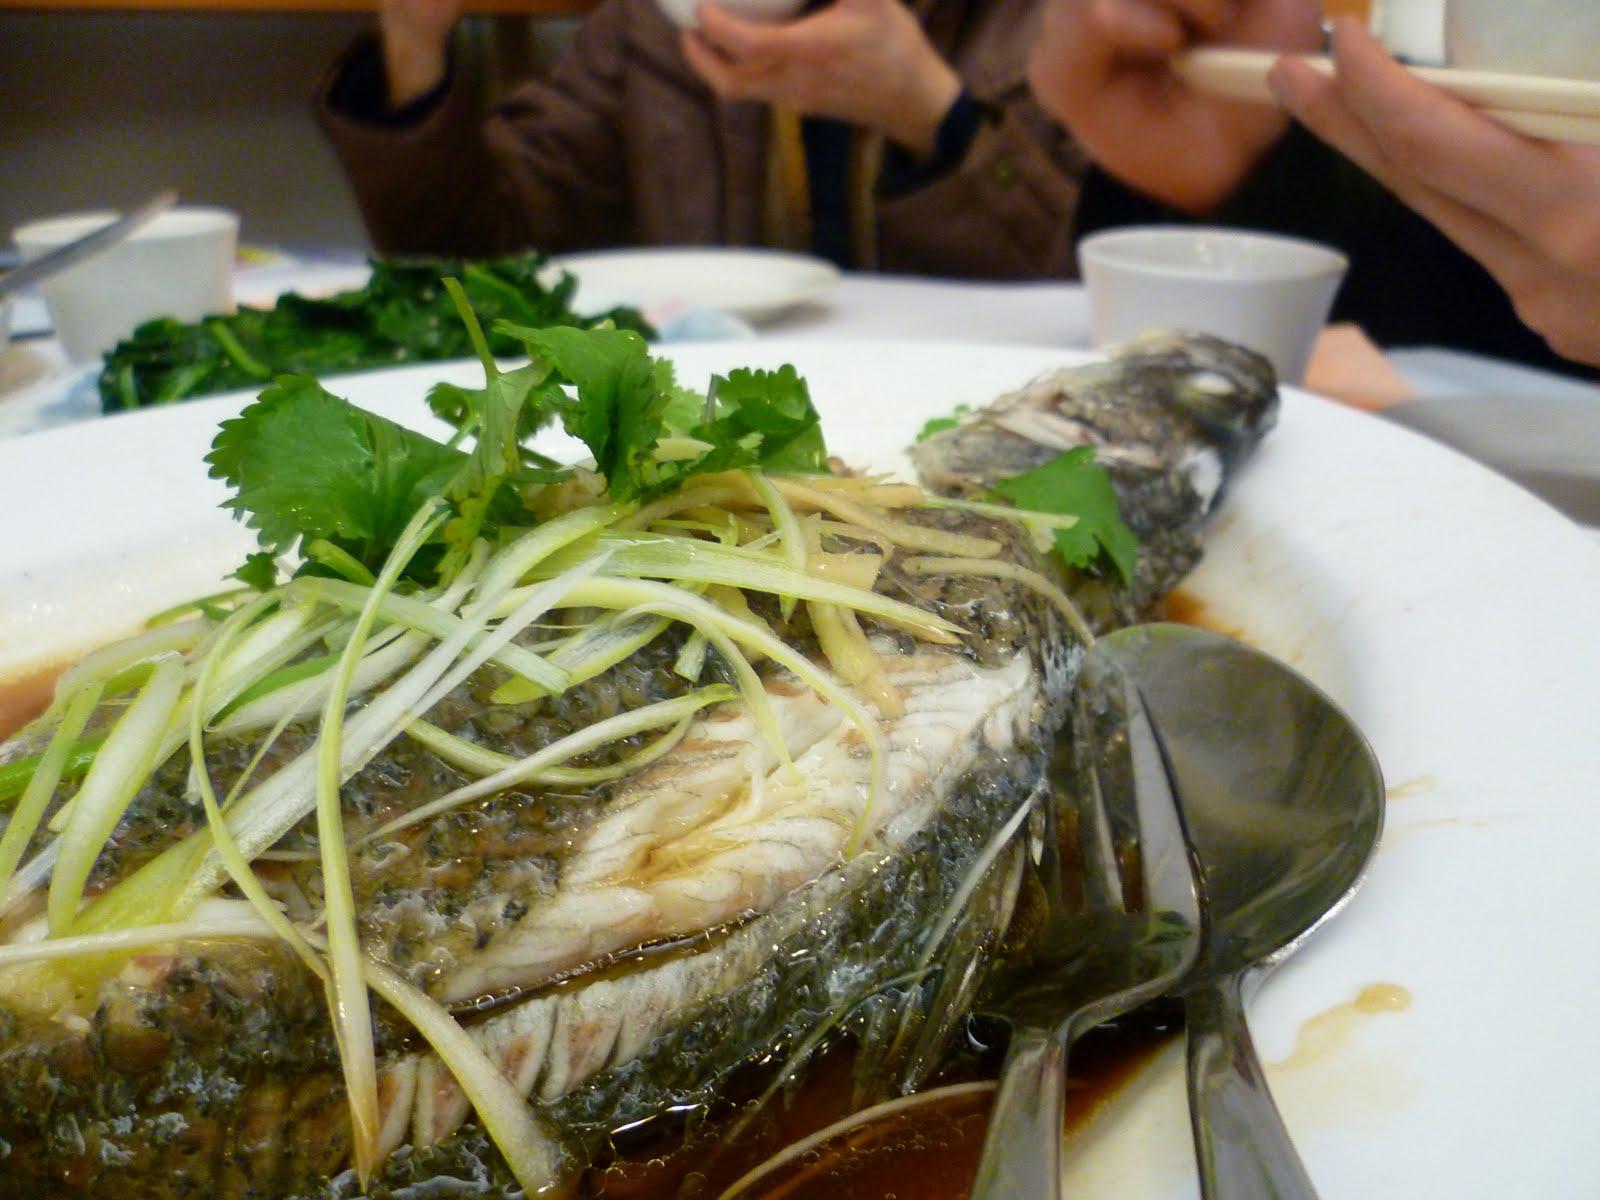 Teenagefoodie 08 01 2010 09 01 2010 for Barramundi fish taste